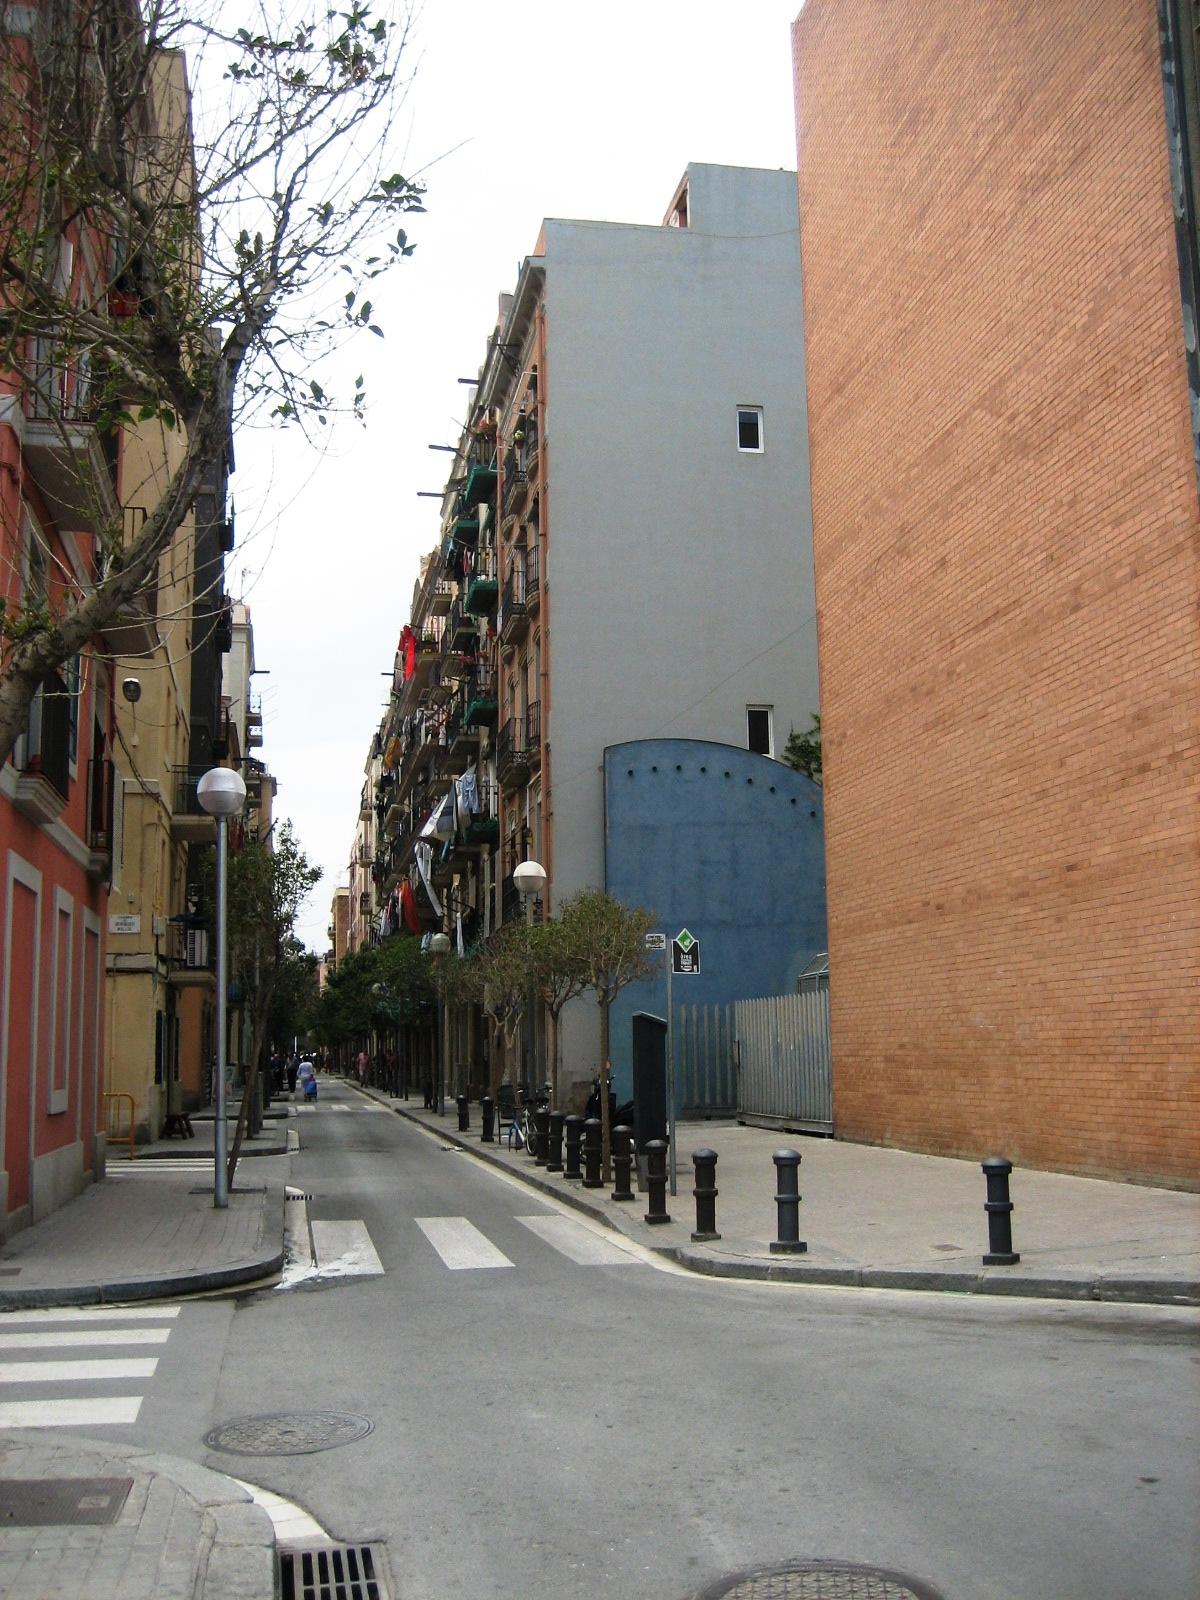 Rue touristique du quartier de Barcelone : La Barceloneta